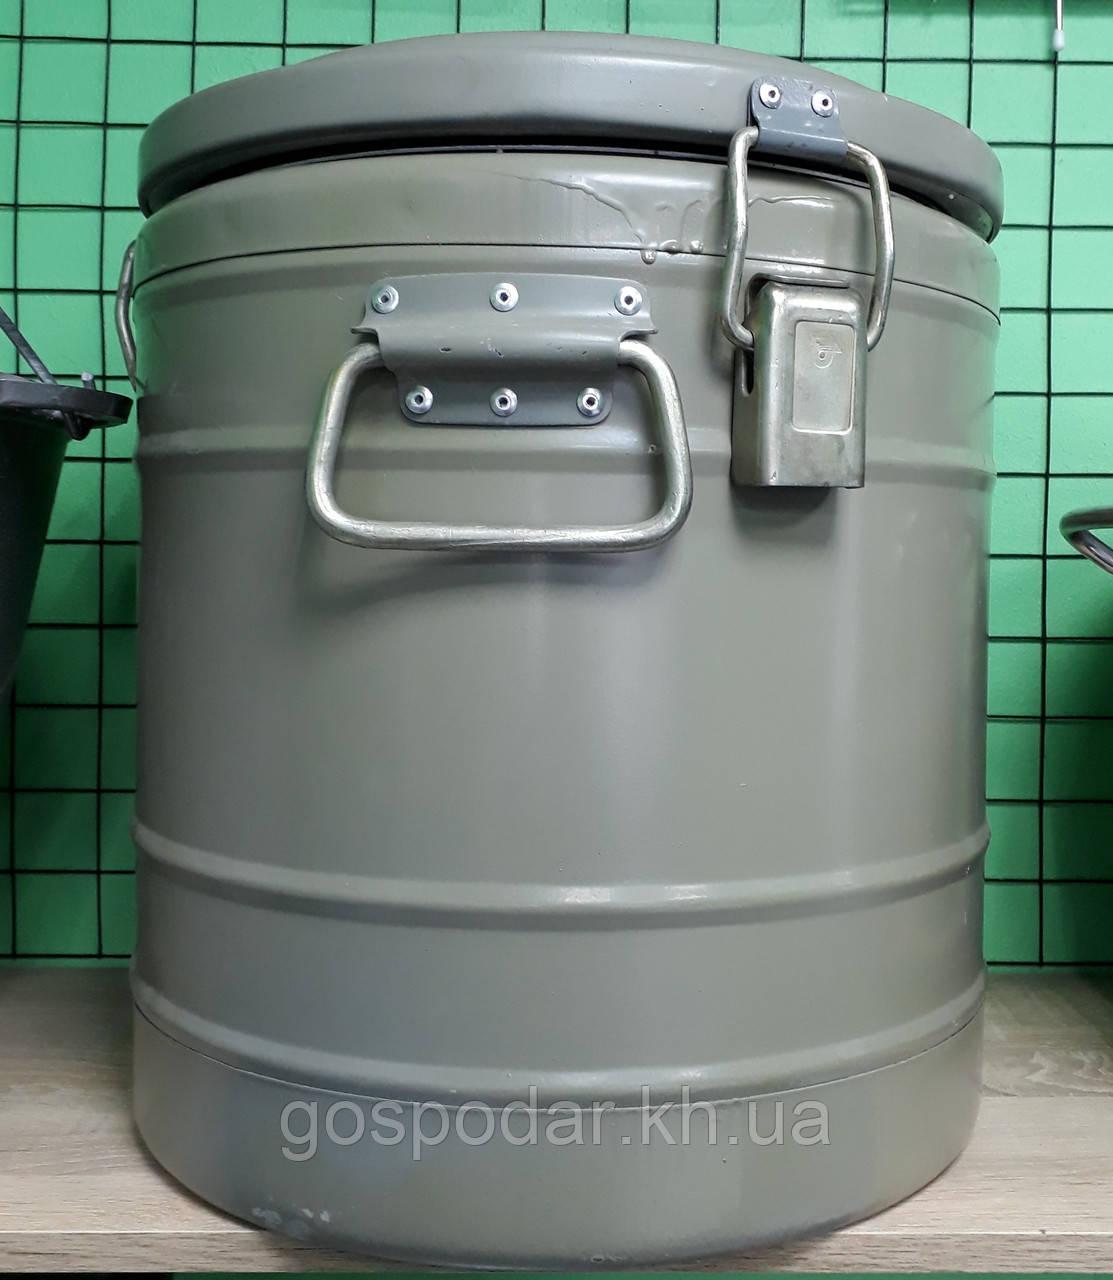 Термос 24 л (для хранения и перевозки пищи)